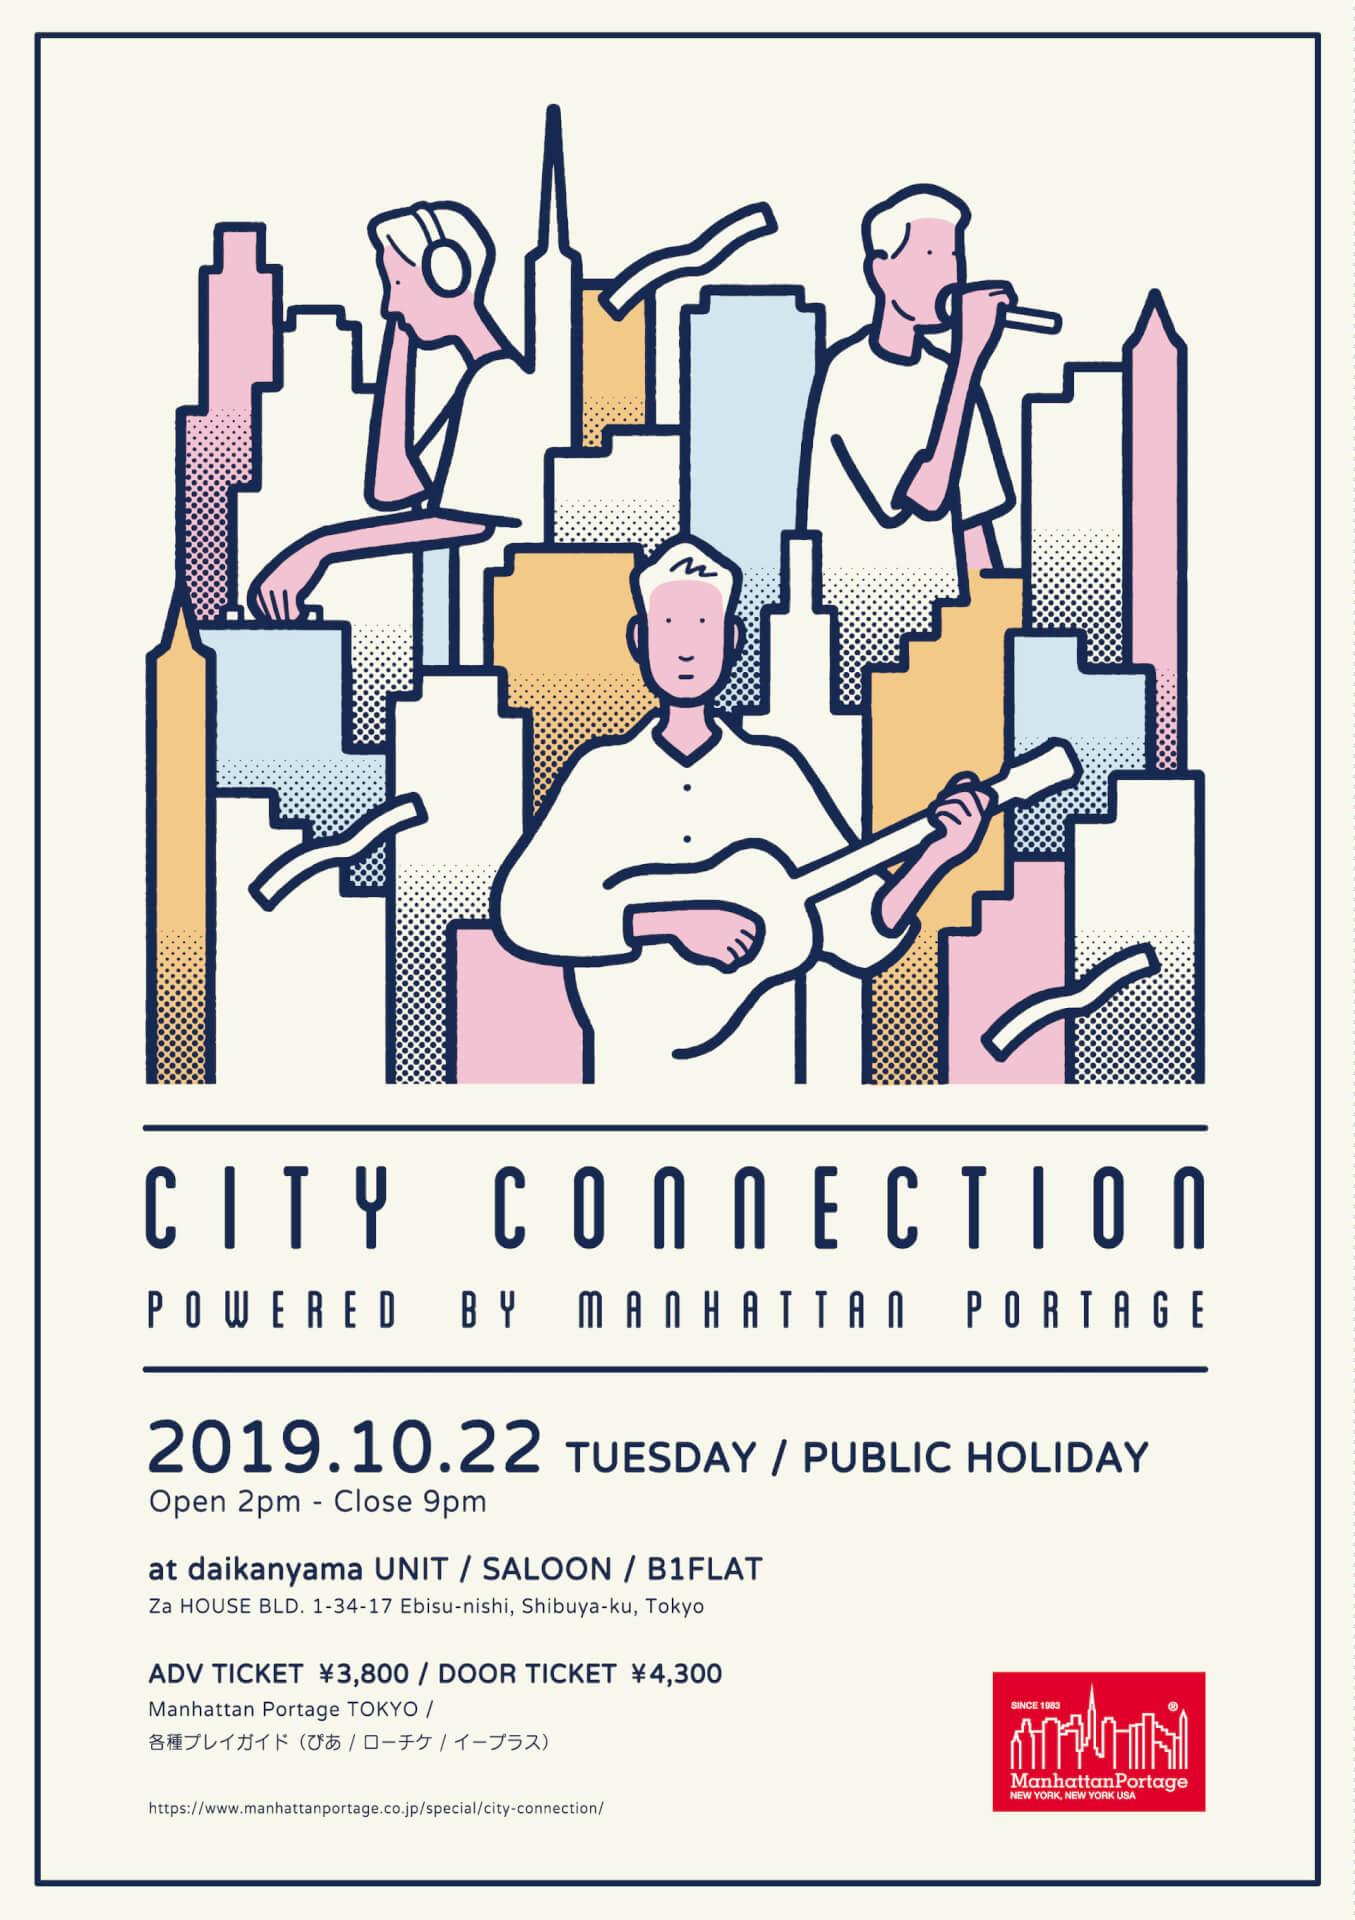 Manhattan Portage主催の音楽プロジェクト<City Connection>の最終ラインナップが決定|FNCY、Licaxxx、Yuka Mizuharaらが登場 01_CC_flyer_front_v2